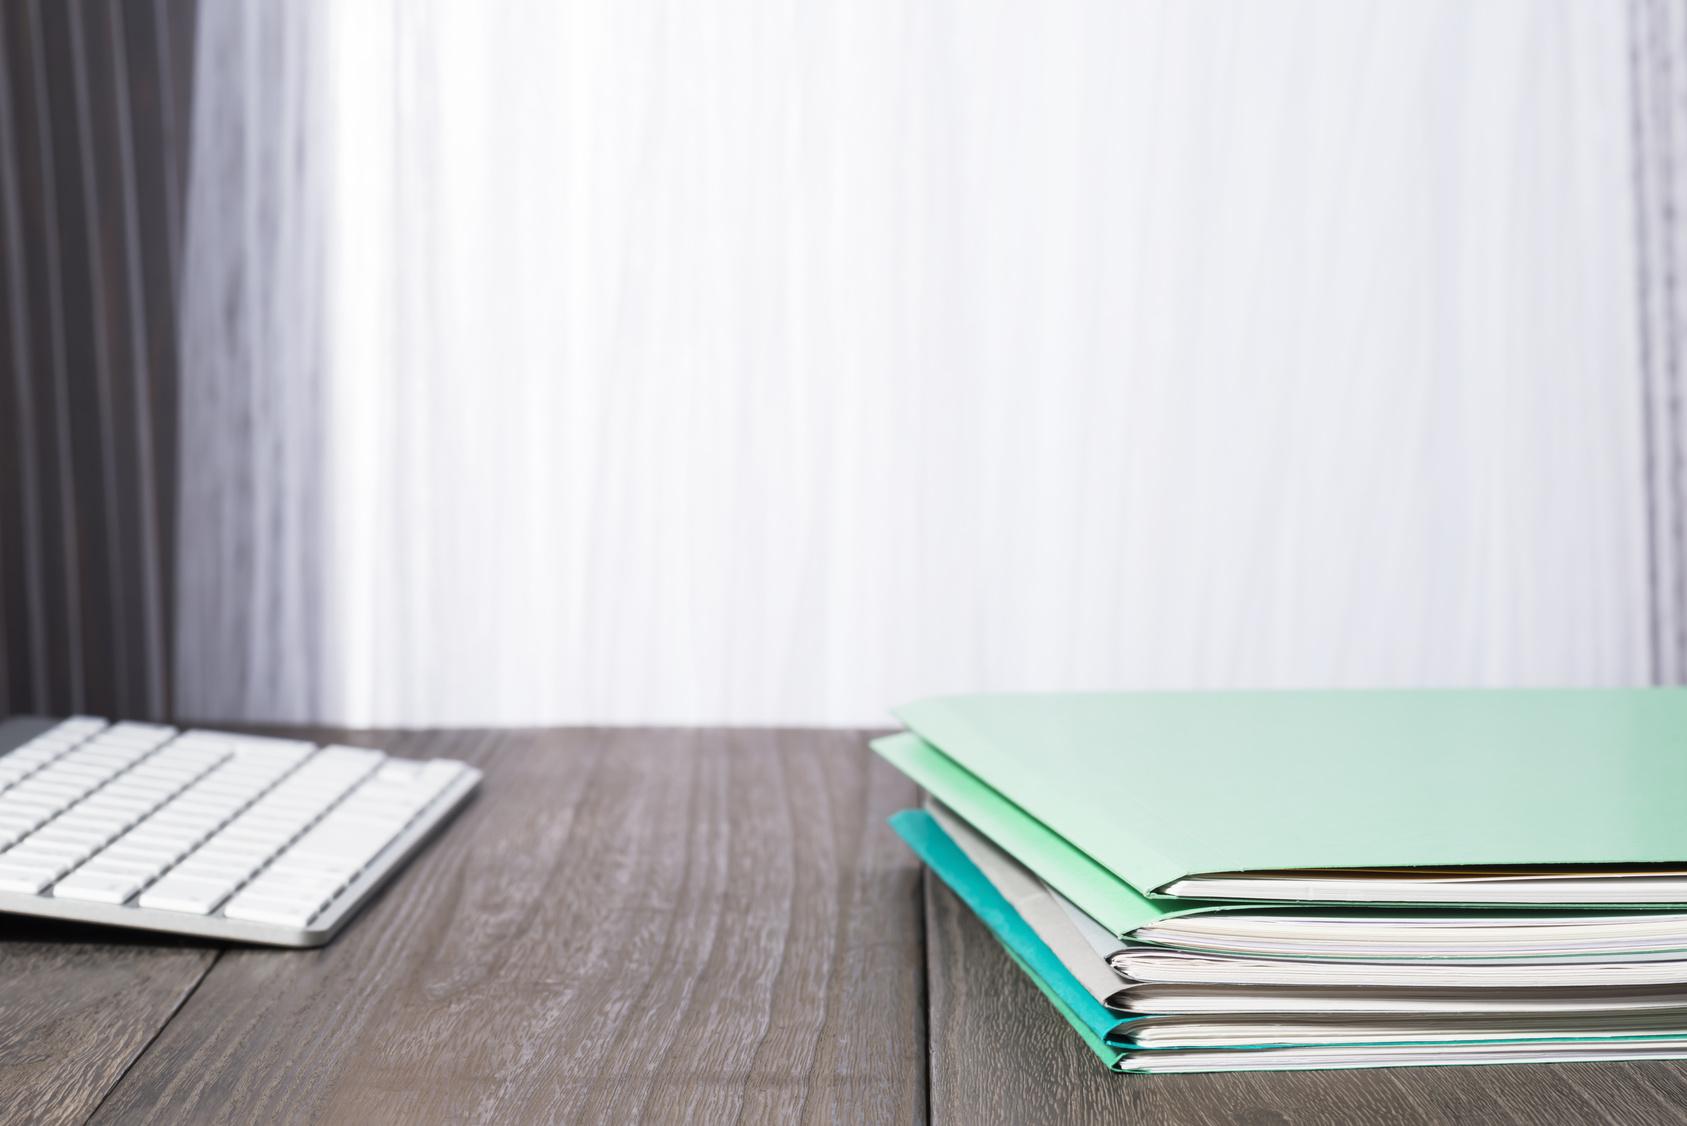 Tastatur und grüne Mappen auf einem Tisch